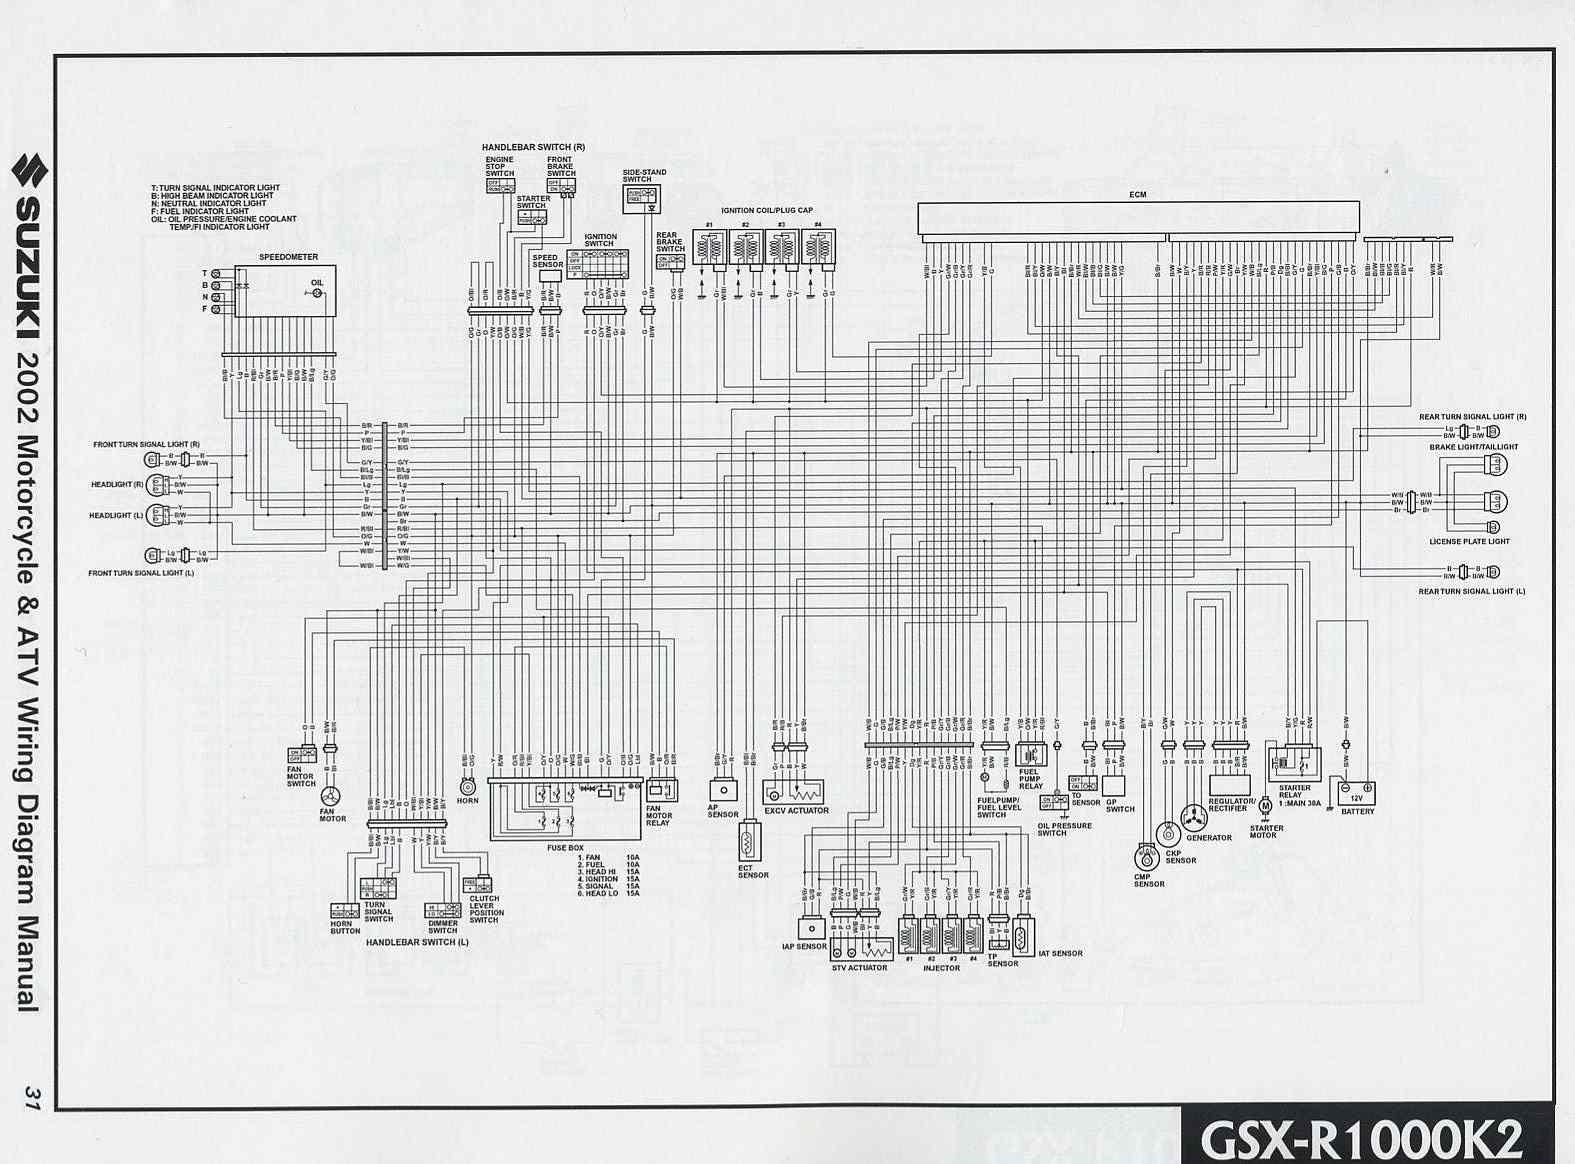 2005 Suzuki Gsx R1000 Electrical Diagram Diagram Data Schema